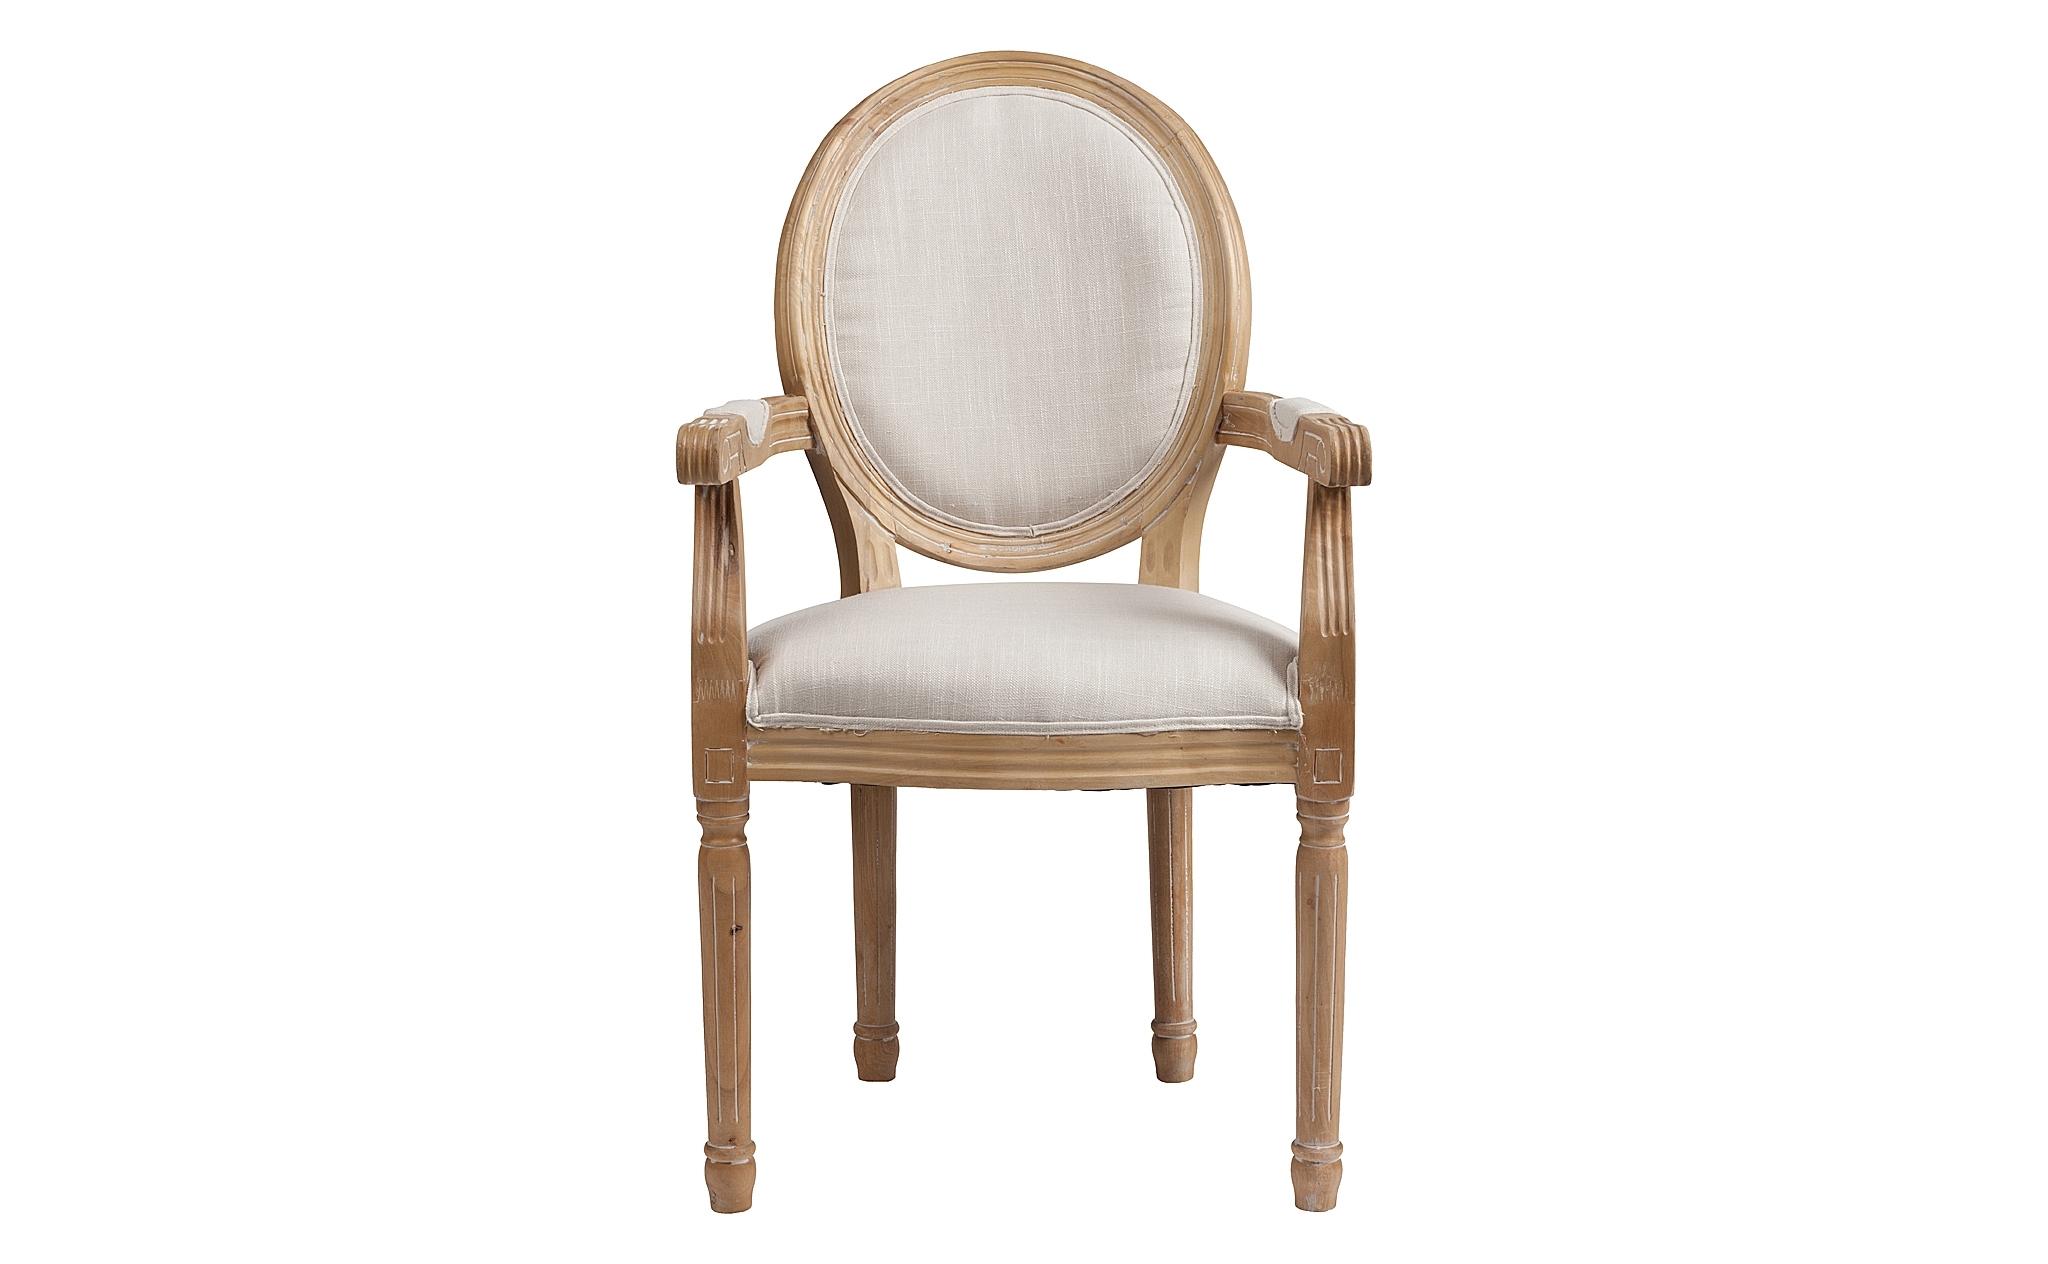 Кресло PollinaСтулья с подлокотниками<br>Медальонное кресло, также известное как Луи XVI, являлось неотъемлемой частью интерьеров эпохи правления Людовика XVI. Именно он ввел в моду его простые и строгие формы, прекрасные в своей гармоничной утонченности. Изготовленные в натуральном буке, они обретают еще больше благородства классического стиля. Обивка из белоснежного текстиля добавляют романтизм прекрасному образу, идеальному для традиционного французского оформления.<br><br>Material: Хлопок<br>Length см: 55<br>Width см: 60<br>Height см: 96